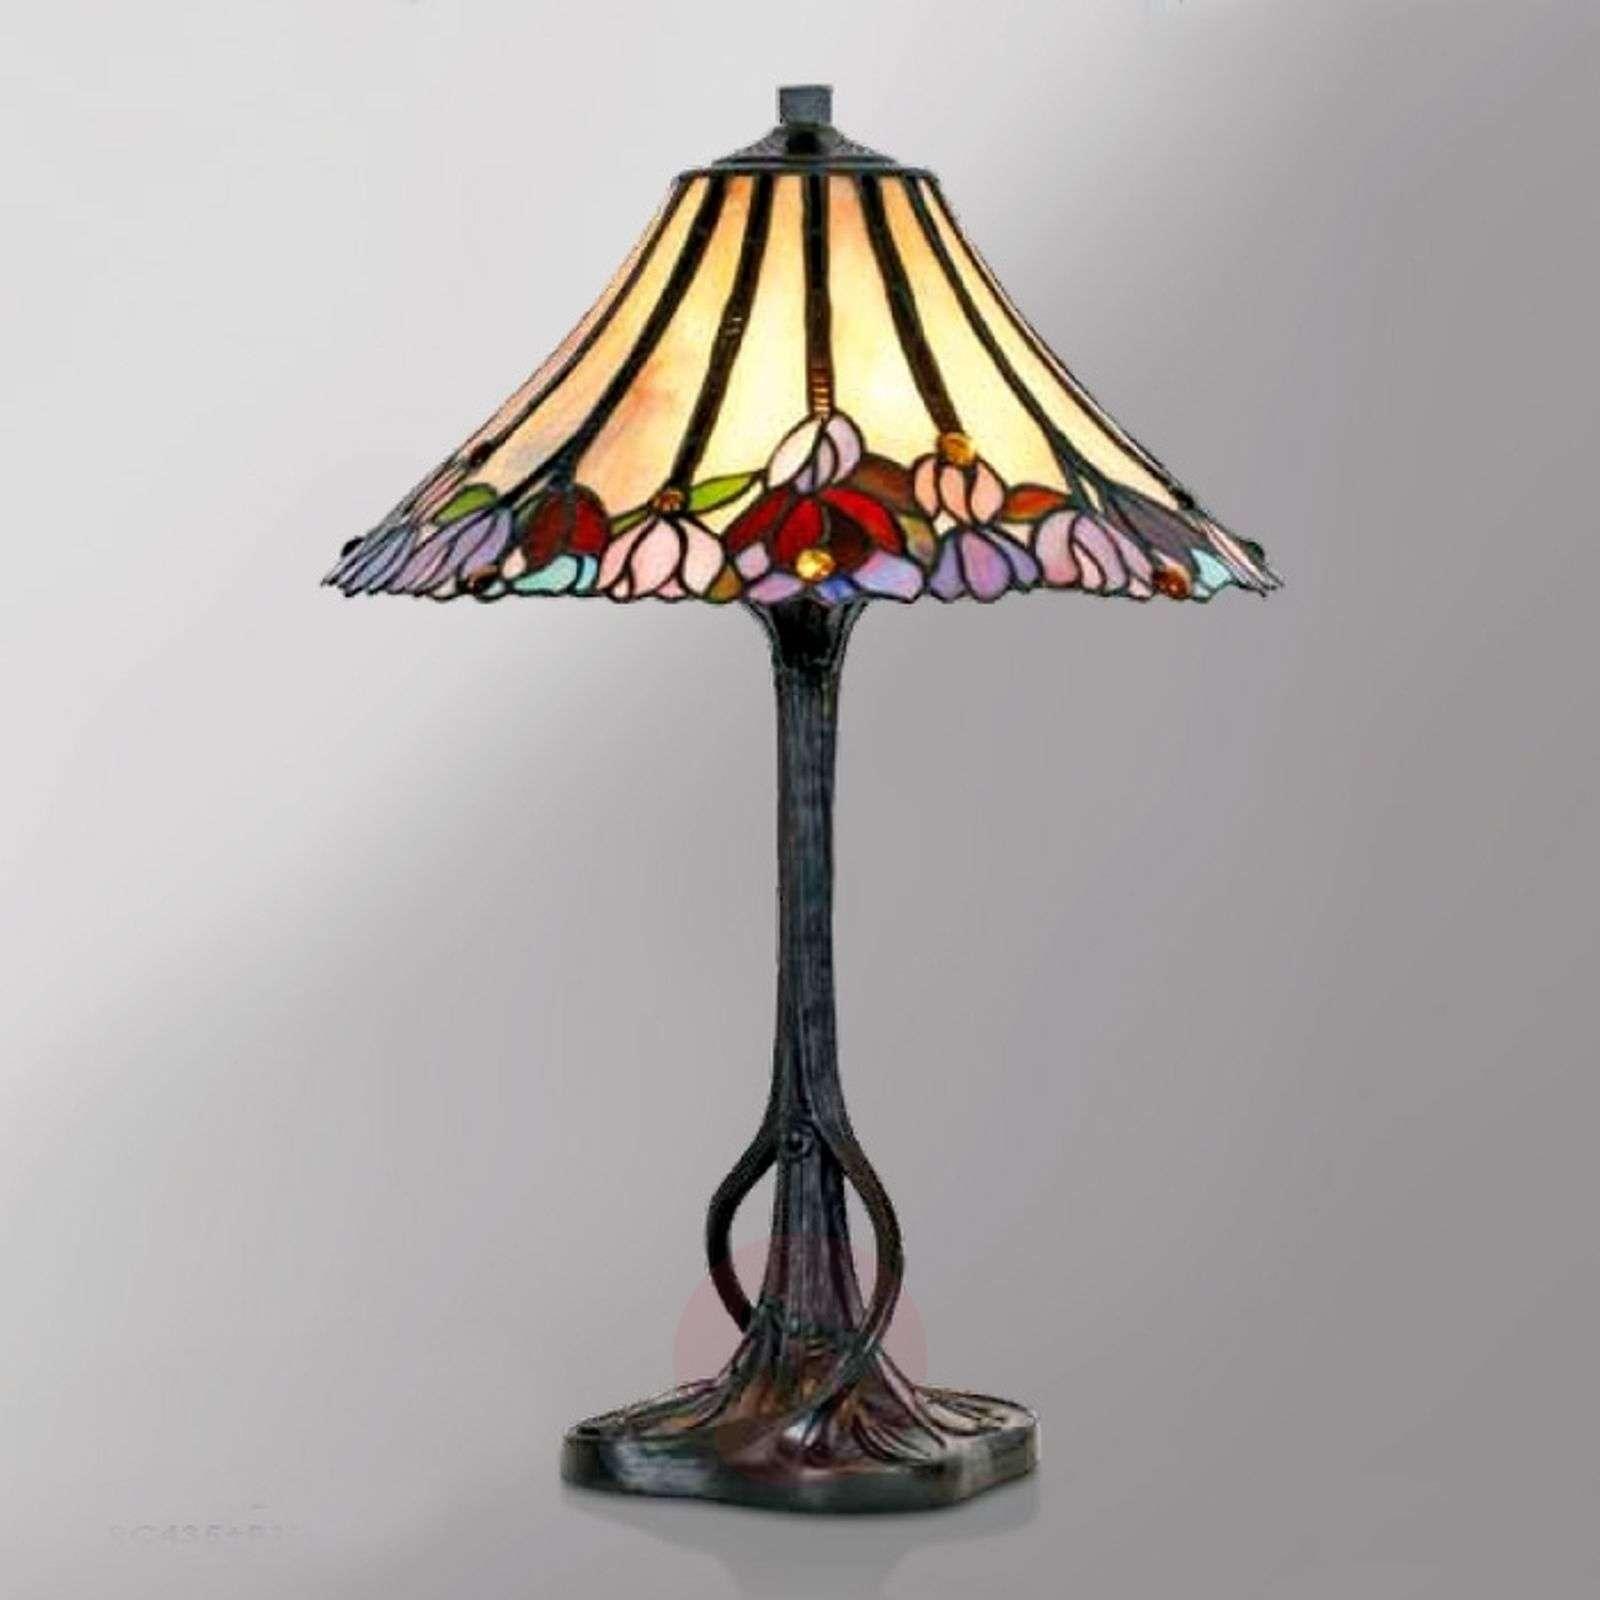 Tiffany-tyylinen Tori-pöytävalaisin-1032260-01